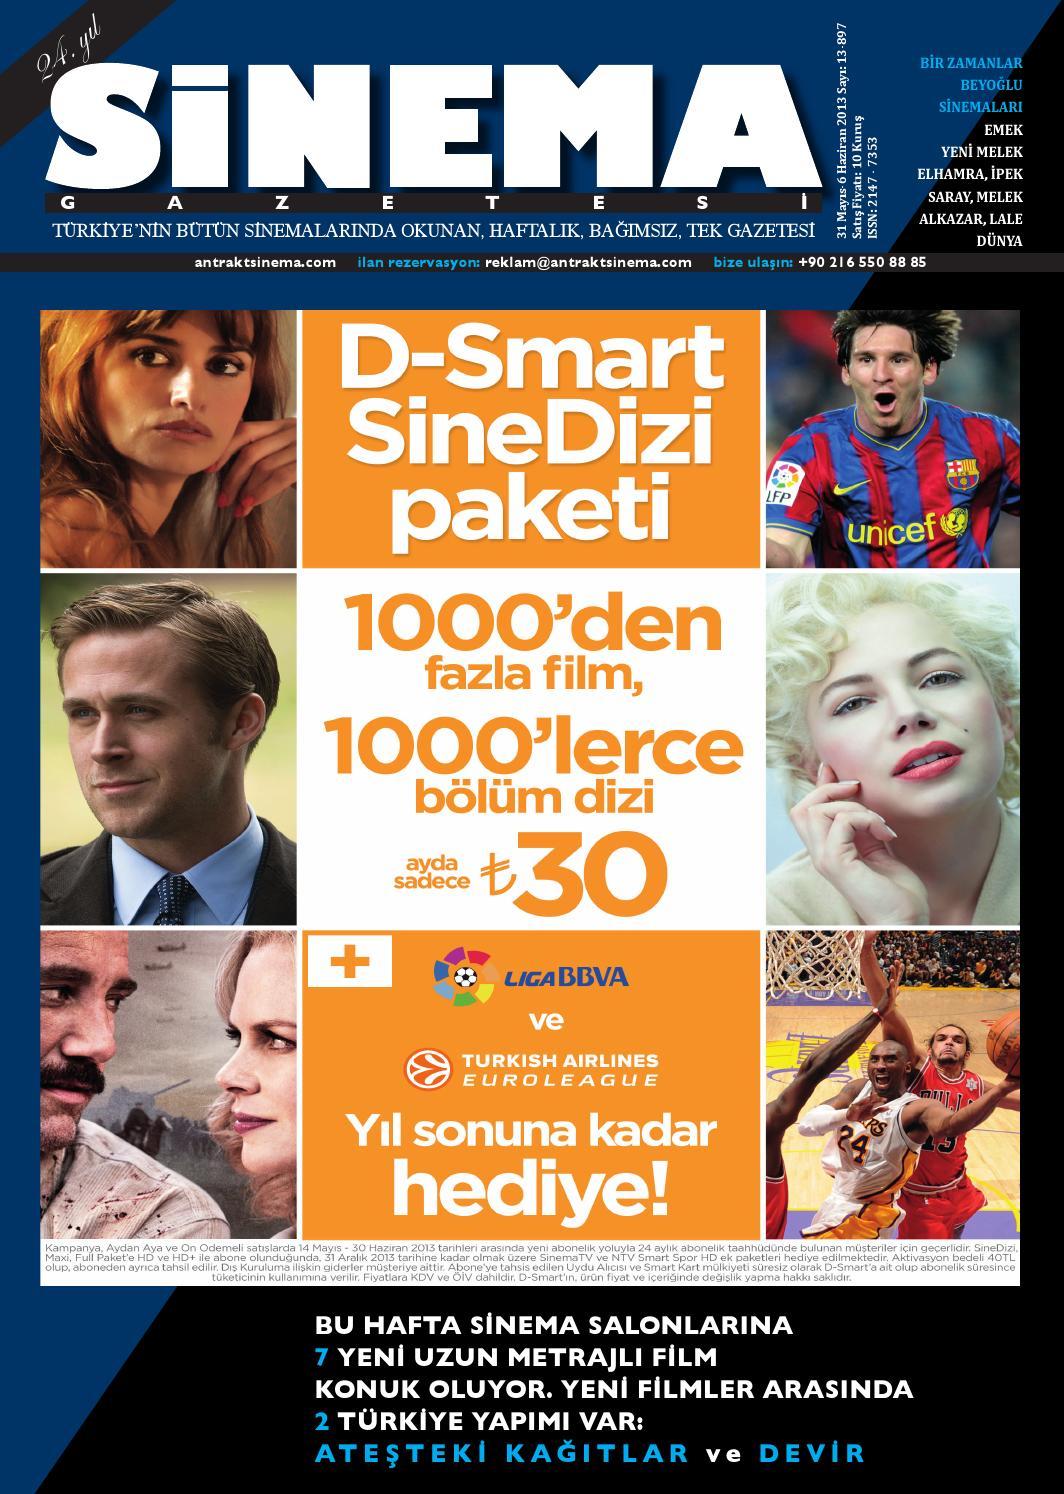 Aktörler Hızlı ve Öfkeli (1-7 film). Hızlı ve Öfkeli filminin oyuncularının isimleri ve kişisel yaşamı